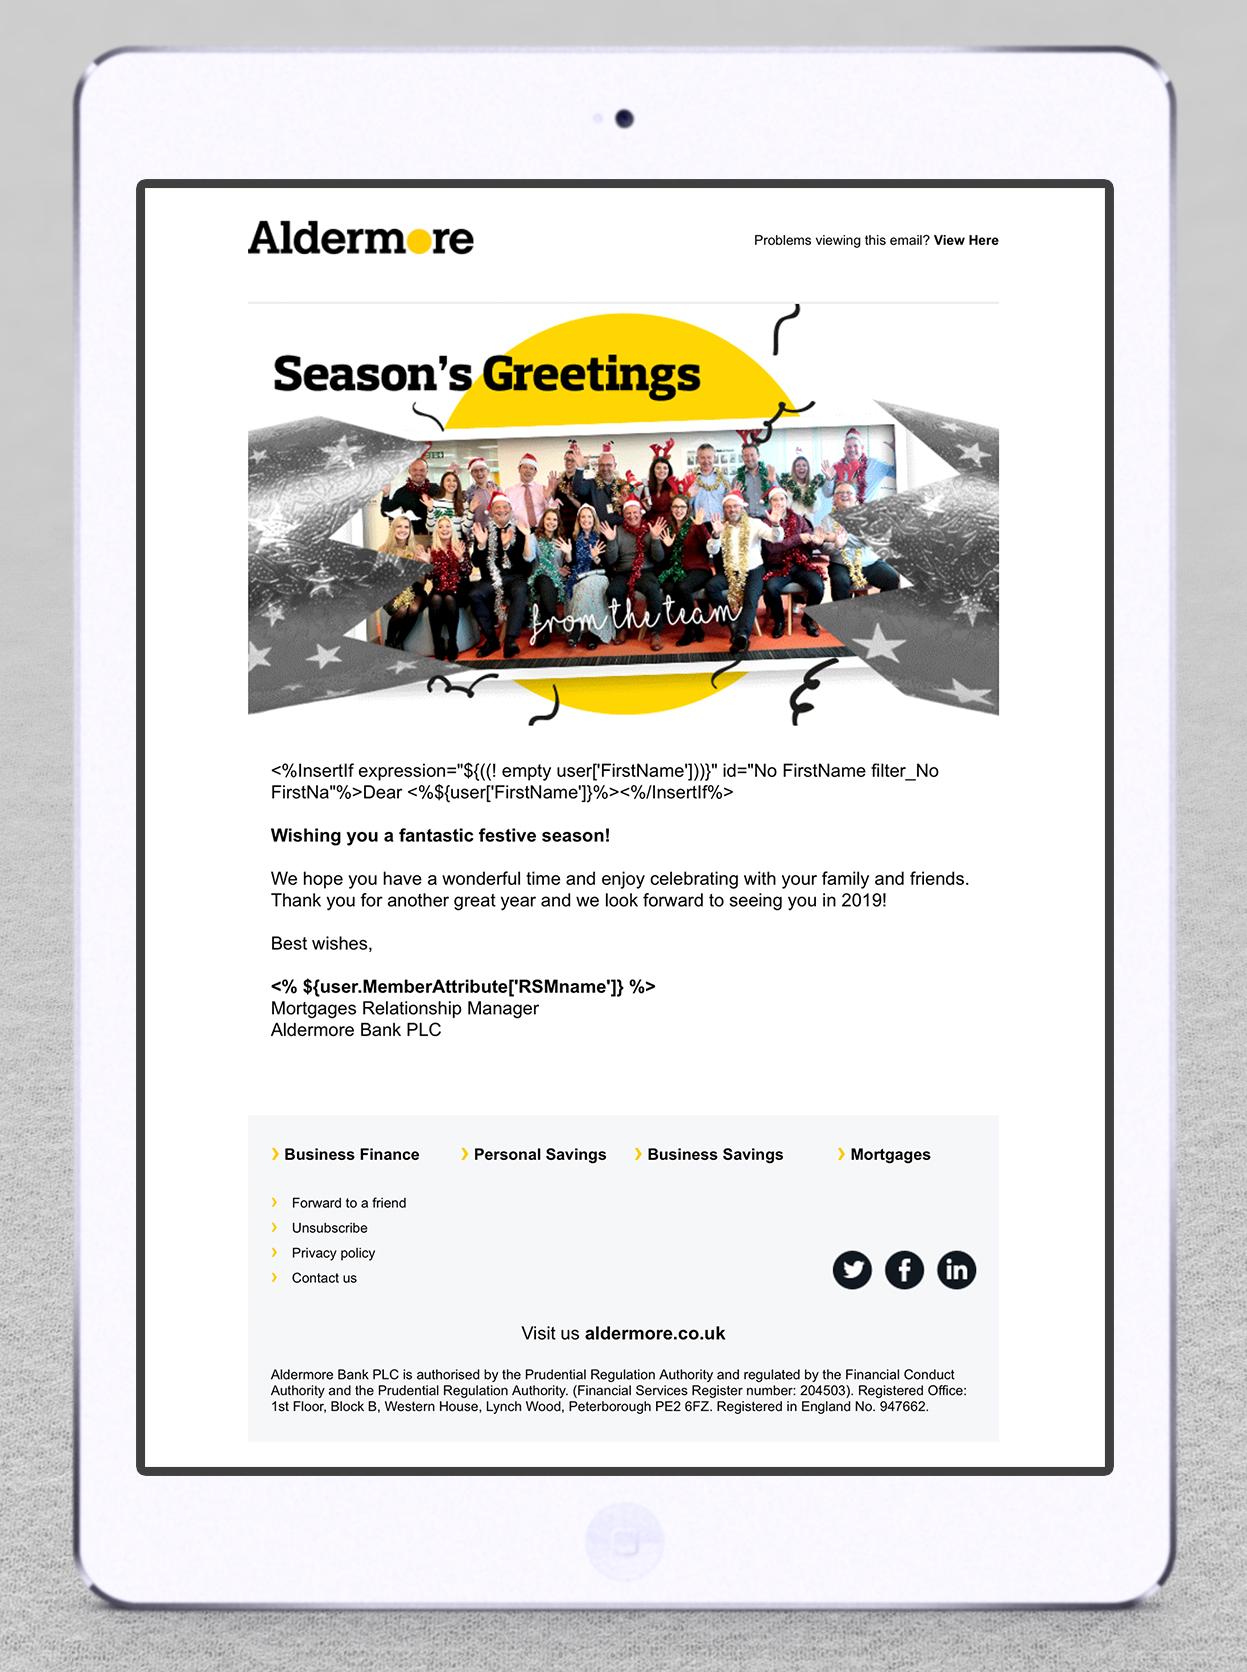 Aldermore animated header_ipad 2.jpg